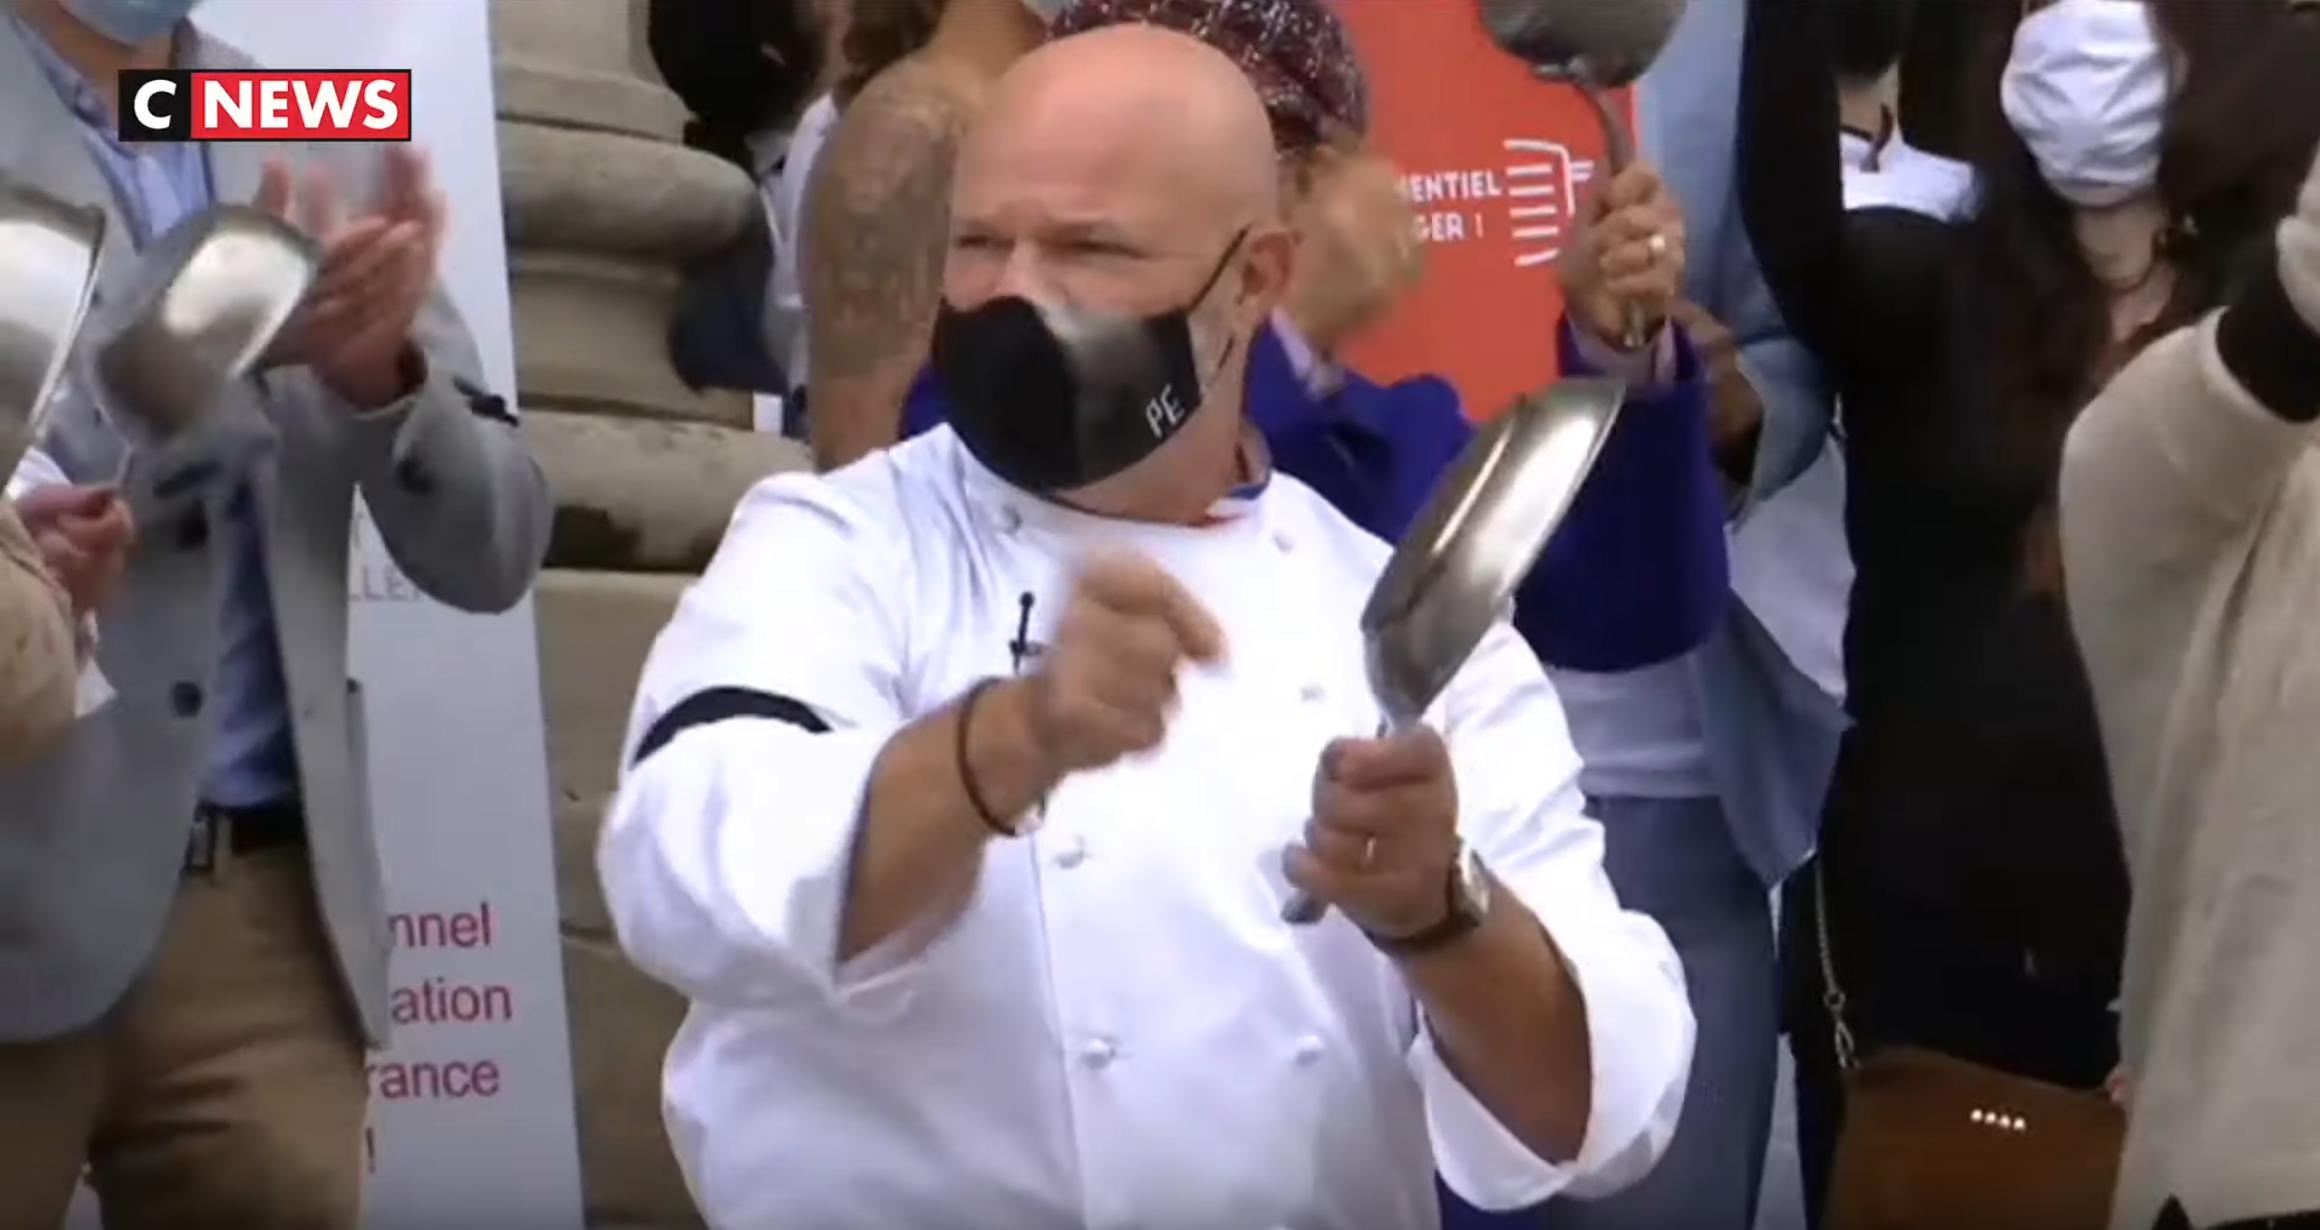 Les restaurateurs protestent contre les mesures du gouvernement… en «(faisant) du bruit» (VIDÉO)